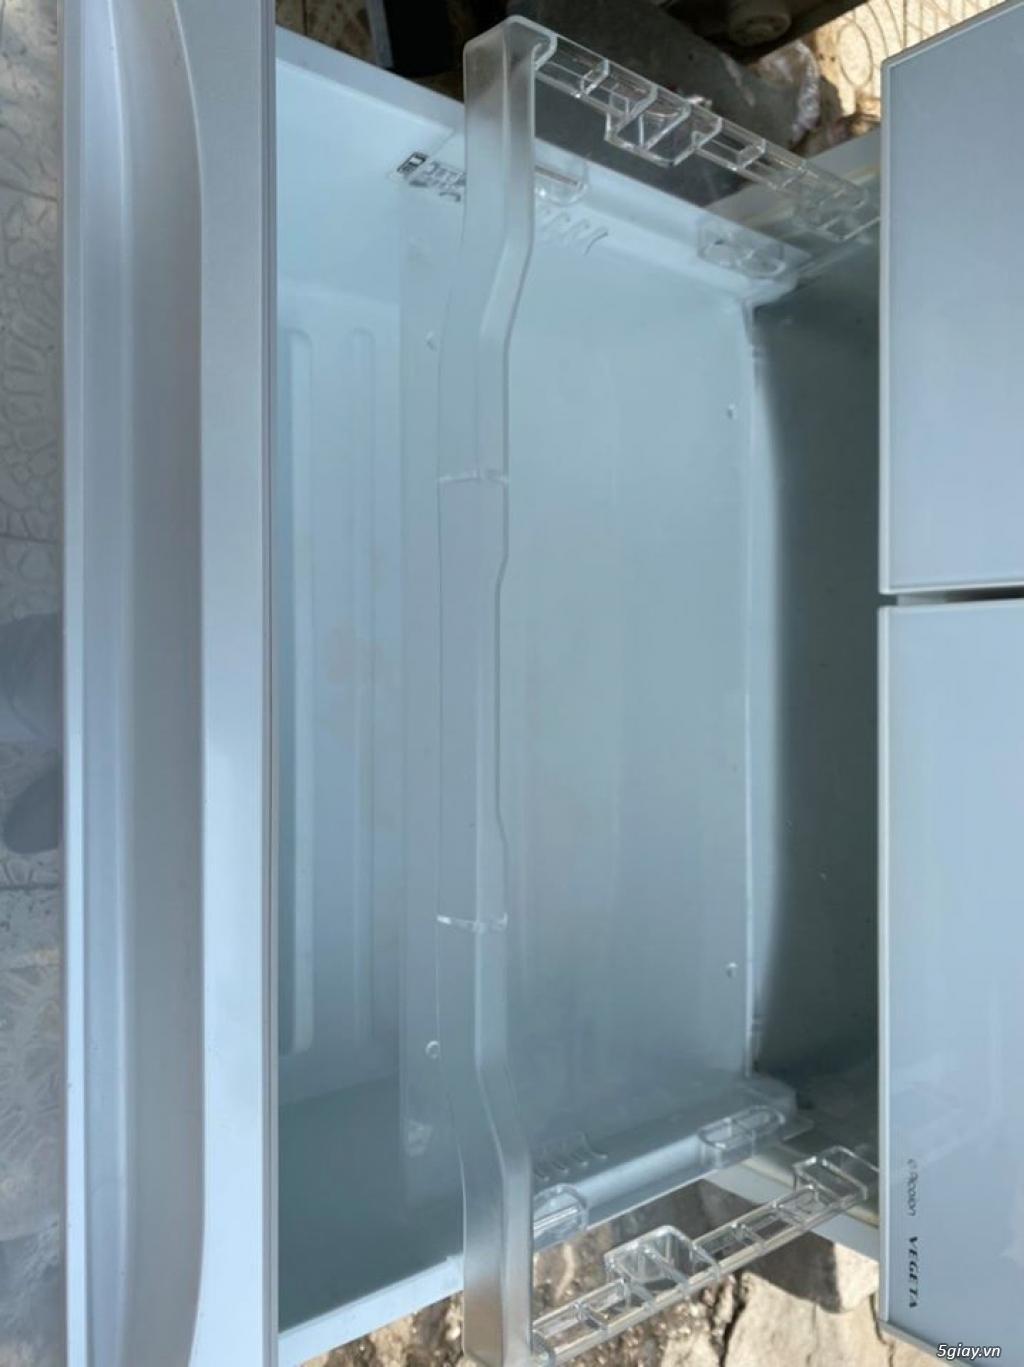 Tủ lạnh TOSHIBA GR - G51FXV (ZW) 510L date 2013, màu trắng - 4